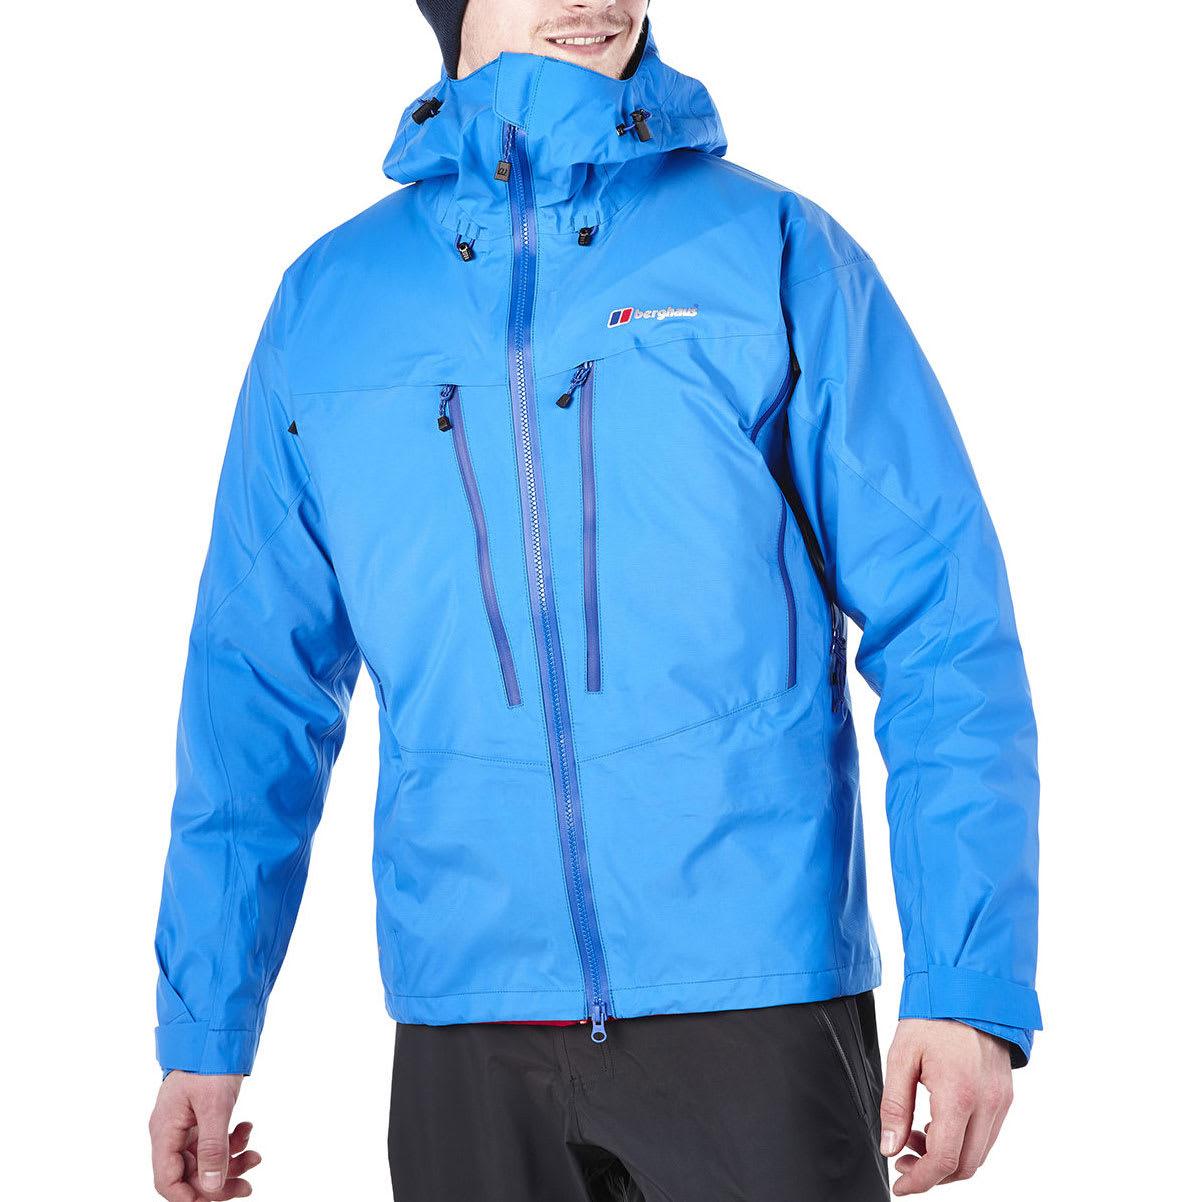 Kjøp Berghaus Men's Antelao Gore Tex Pro Jacket fra Outnorth